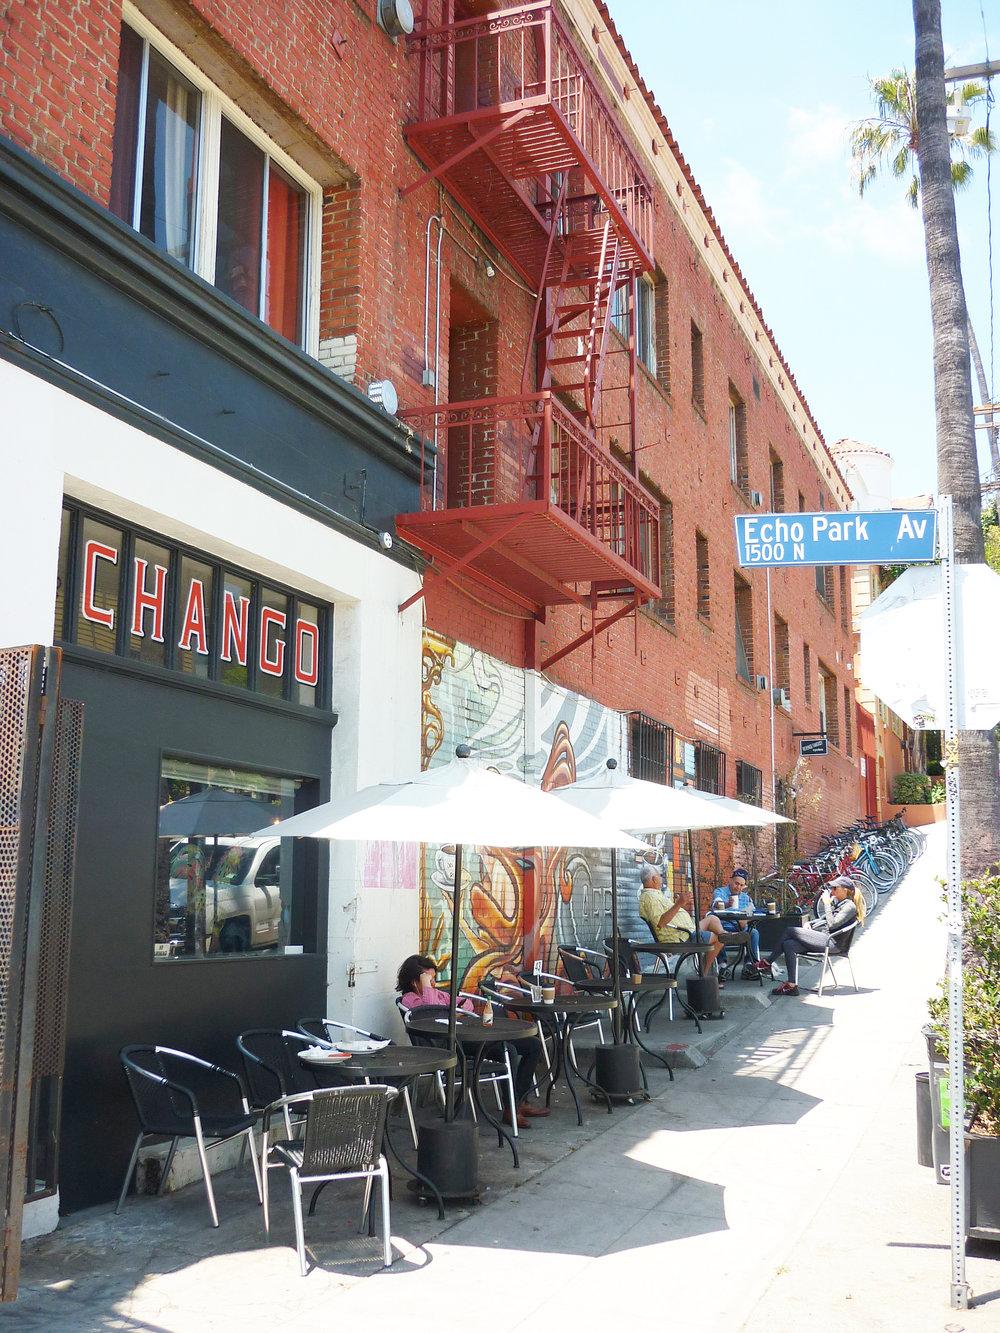 Echo Park - City Guide Los Angeles - The LA Bliss